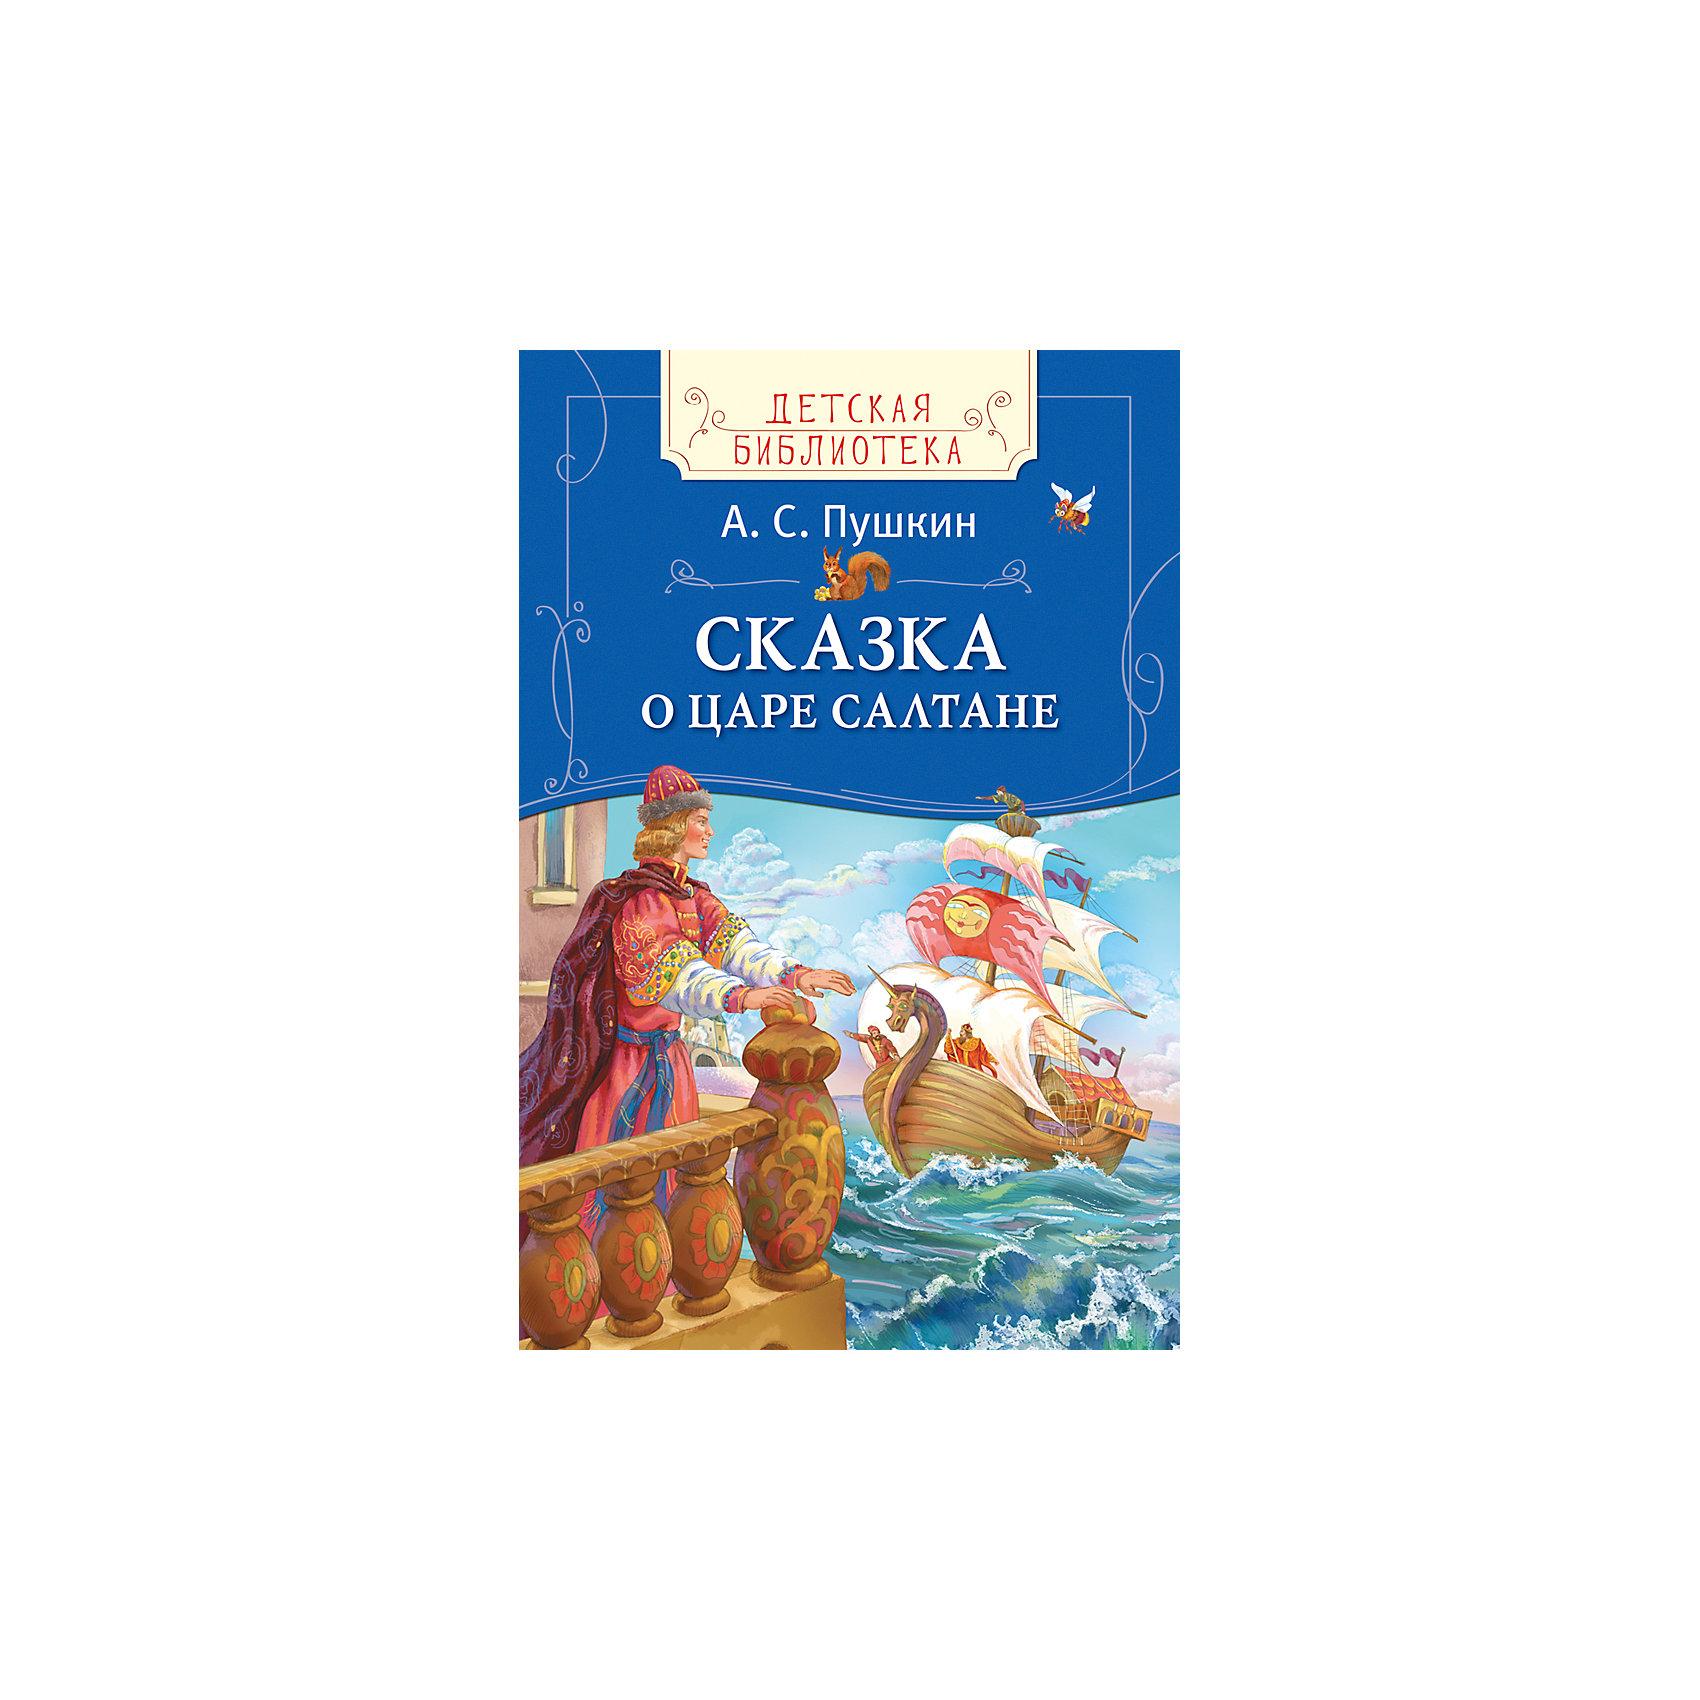 Сказка о царе Салтане, А.С. ПушкинХарактеристики товара:<br><br>- цвет: разноцветный;<br>- материал: бумага;<br>- страниц: 64;<br>- обложка: твердая;<br>- иллюстрации.<br><br>Эта интересная книга с иллюстрациями станет отличным подарком для ребенка. Она содержит в себе известную сказку, эту книгу любит не одно поколение! Талантливый иллюстратор дополнил книгу качественными рисунками, которые помогают ребенку проникнуться духом сказки.<br>Чтение - отличный способ активизации мышления, оно помогает ребенку развивать зрительную память, концентрацию внимания и воображение. Издание произведено из качественных материалов, которые безопасны даже для самых маленьких.<br><br>Издание Сказка о царе Салтане, А.С. Пушкин от компании Росмэн можно купить в нашем интернет-магазине.<br><br>Ширина мм: 222<br>Глубина мм: 145<br>Высота мм: 8<br>Вес г: 161<br>Возраст от месяцев: 36<br>Возраст до месяцев: 72<br>Пол: Унисекс<br>Возраст: Детский<br>SKU: 5109897